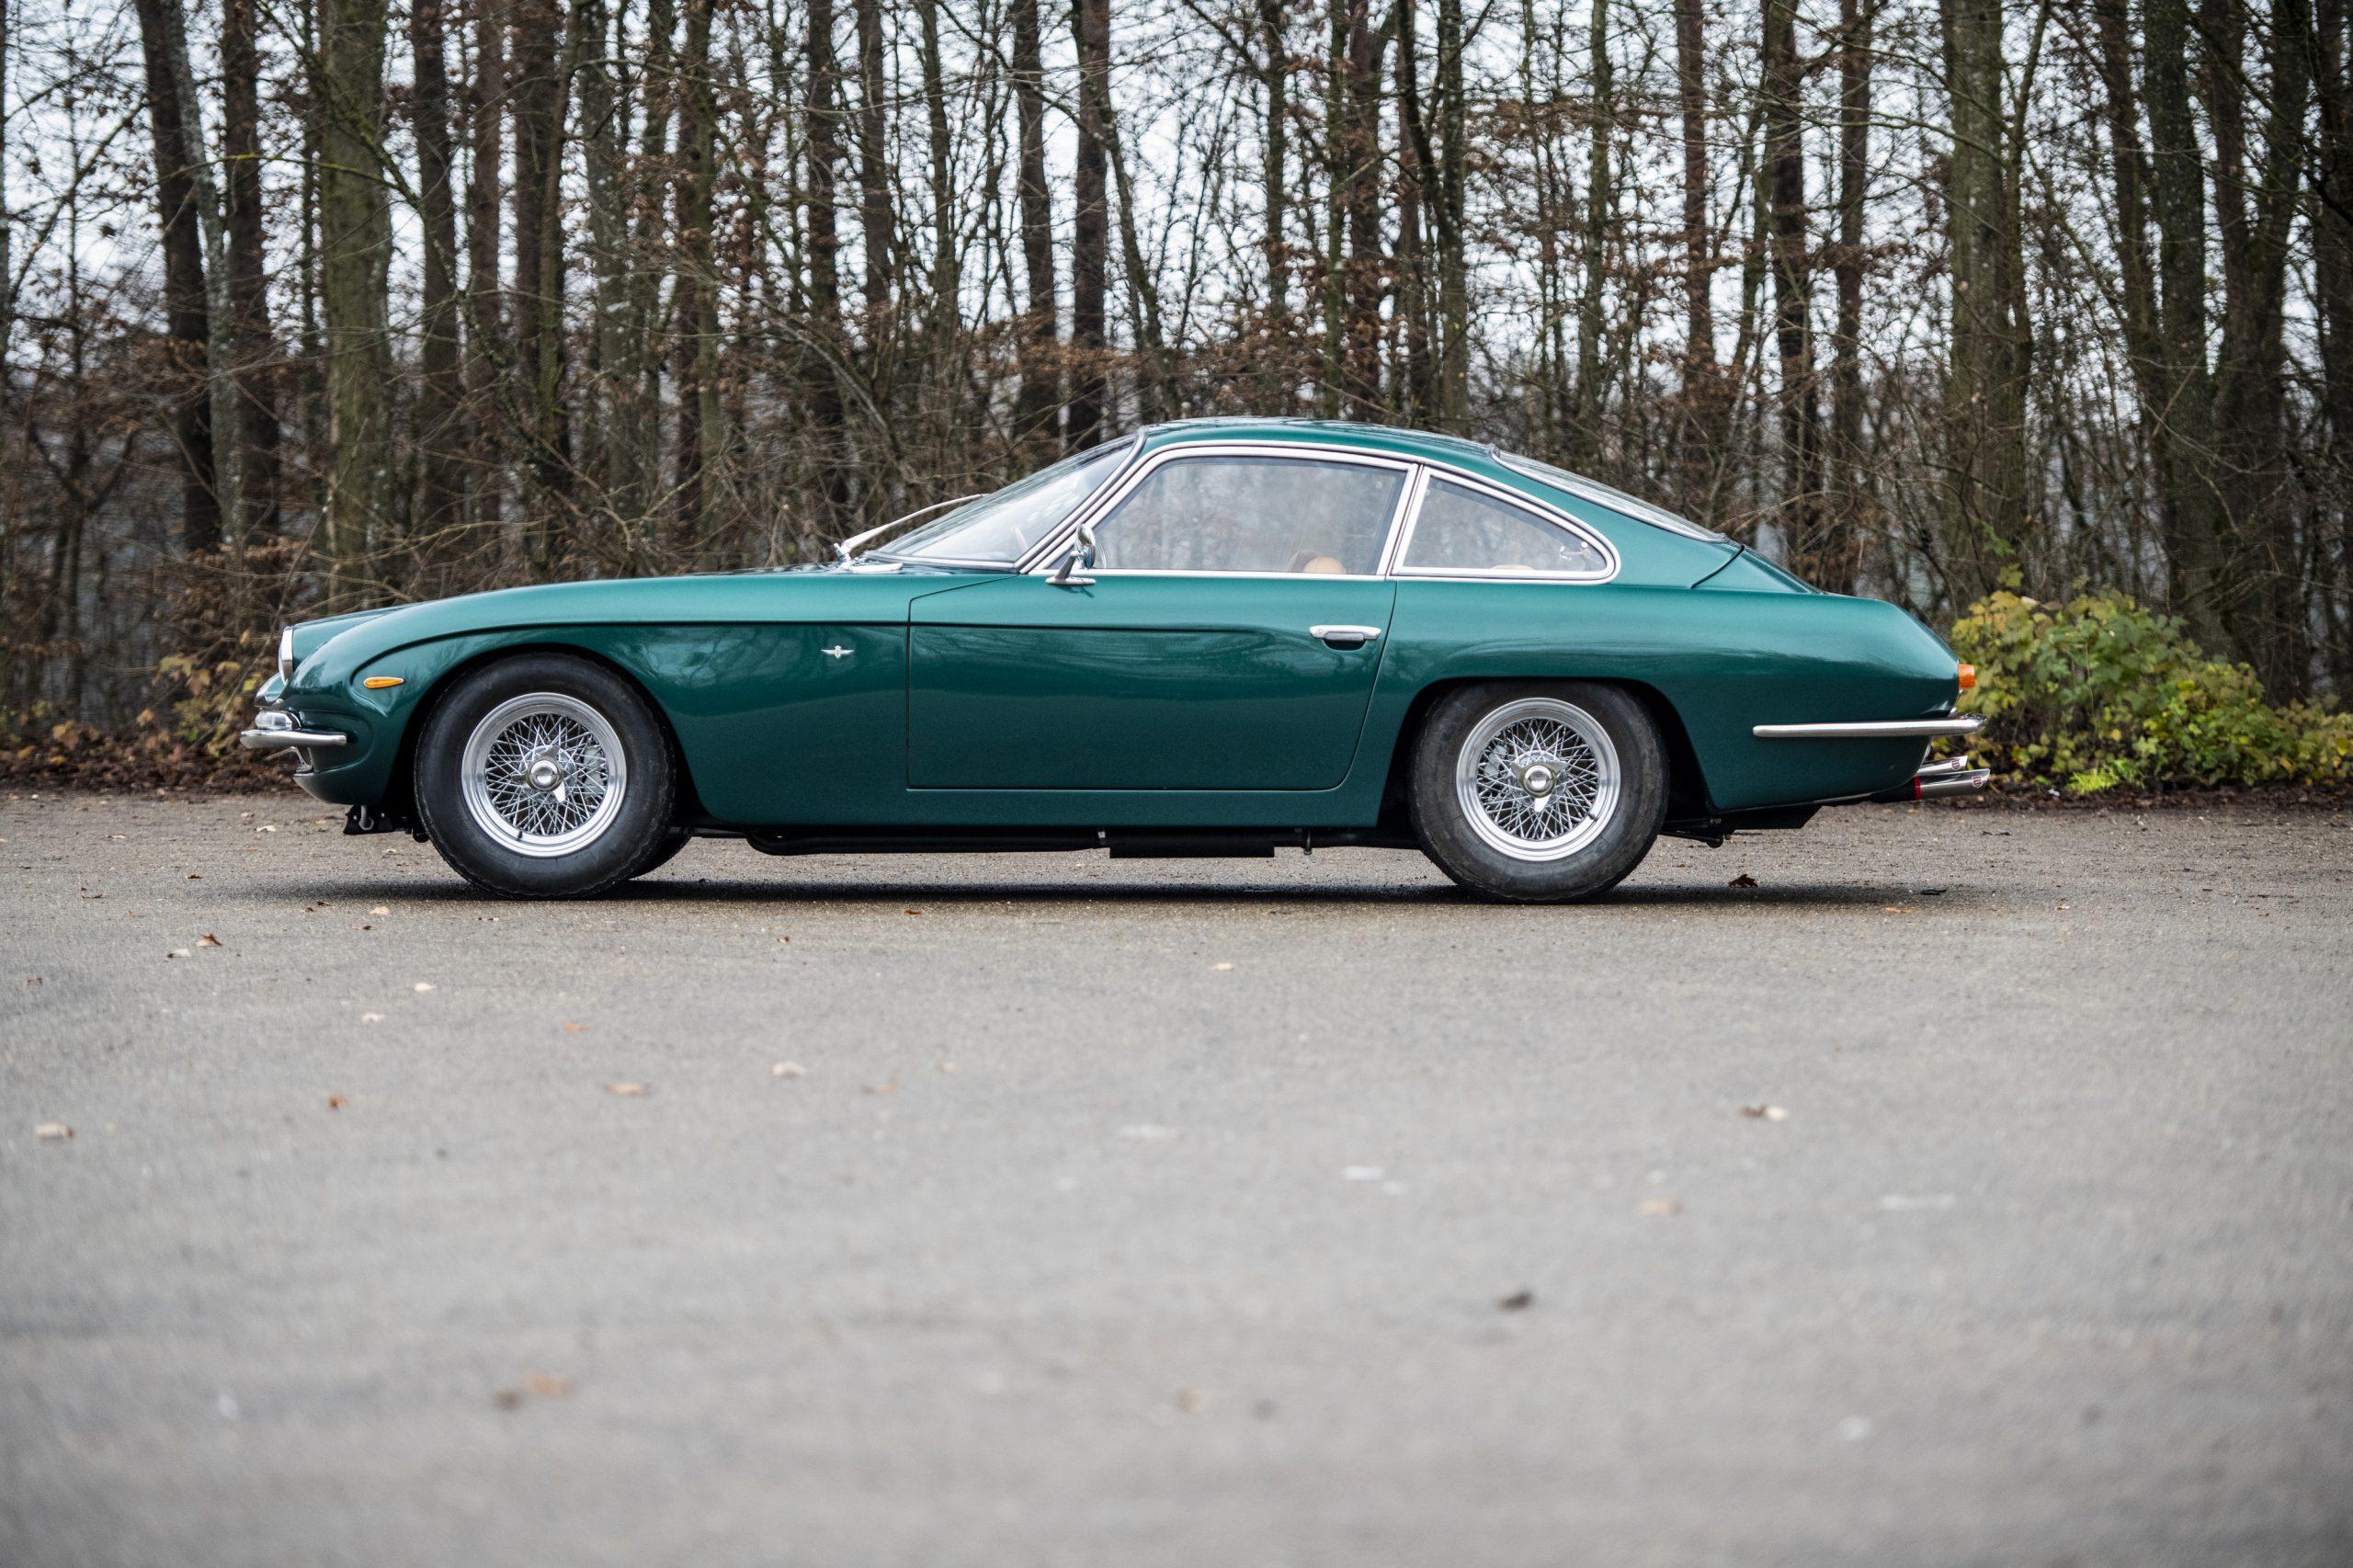 1967 Lamborghini 400 GT 2+2 side profile